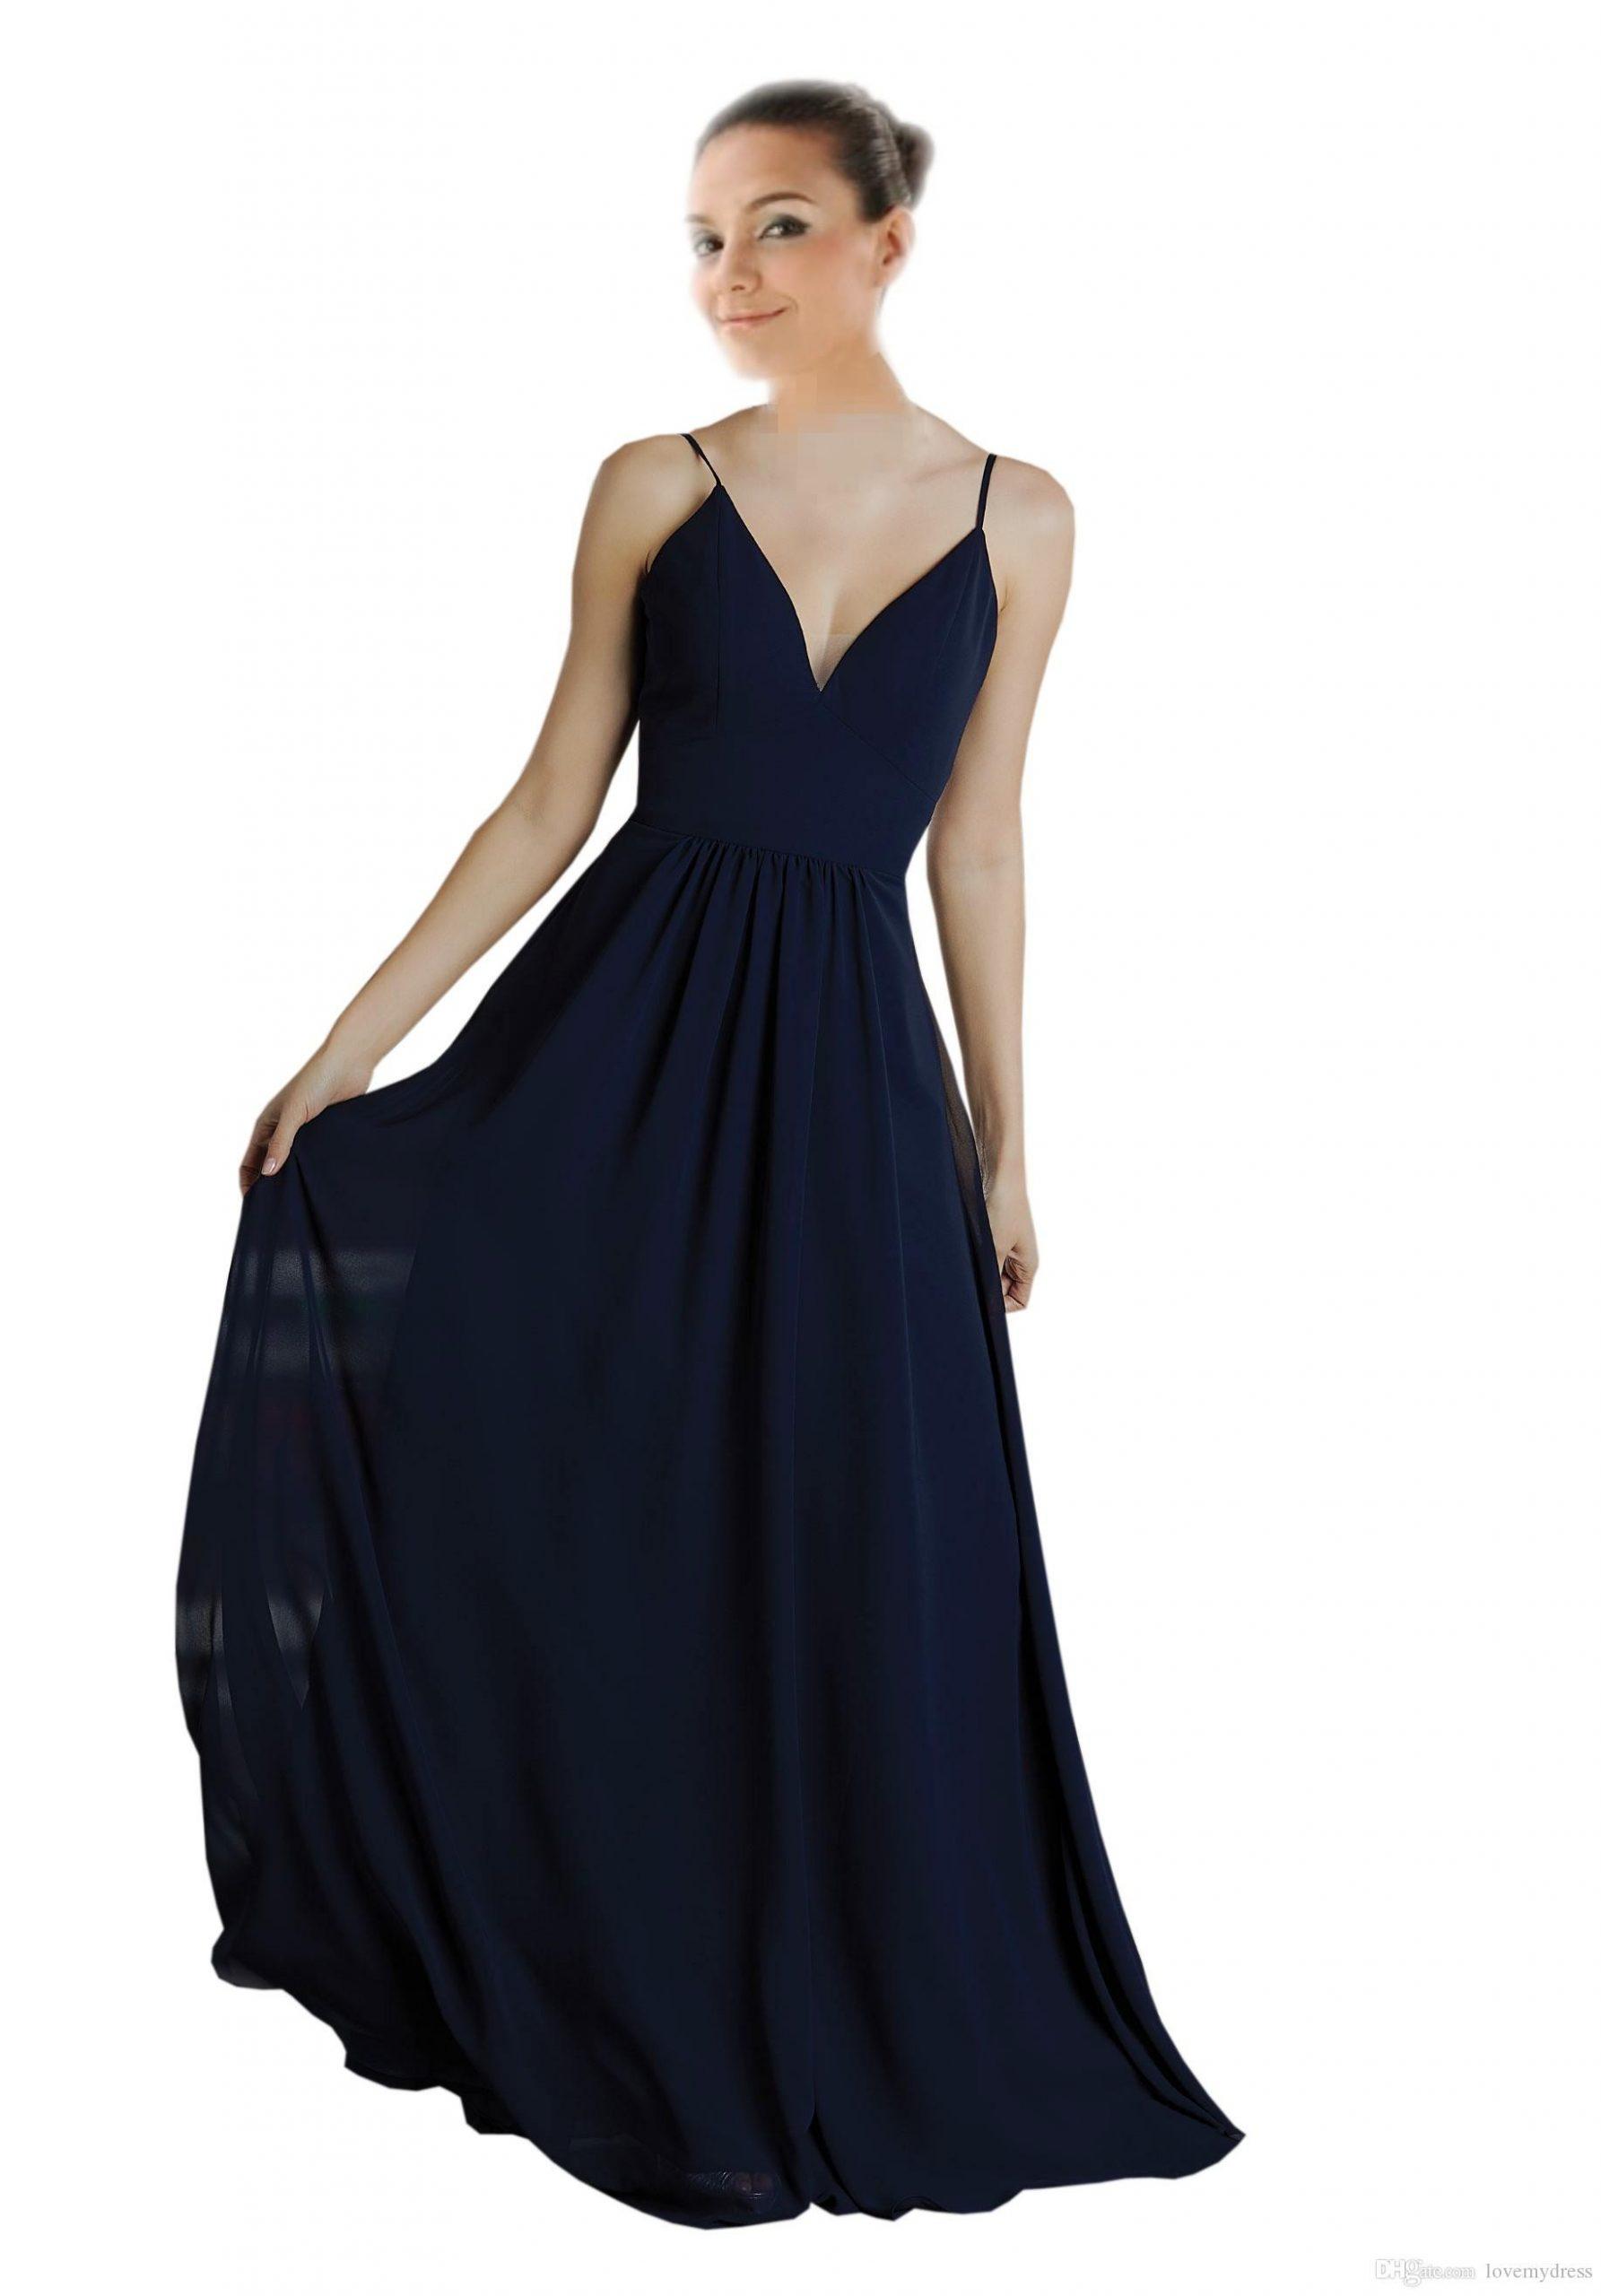 Designer Schön Billige Kleider Stylish - Abendkleid